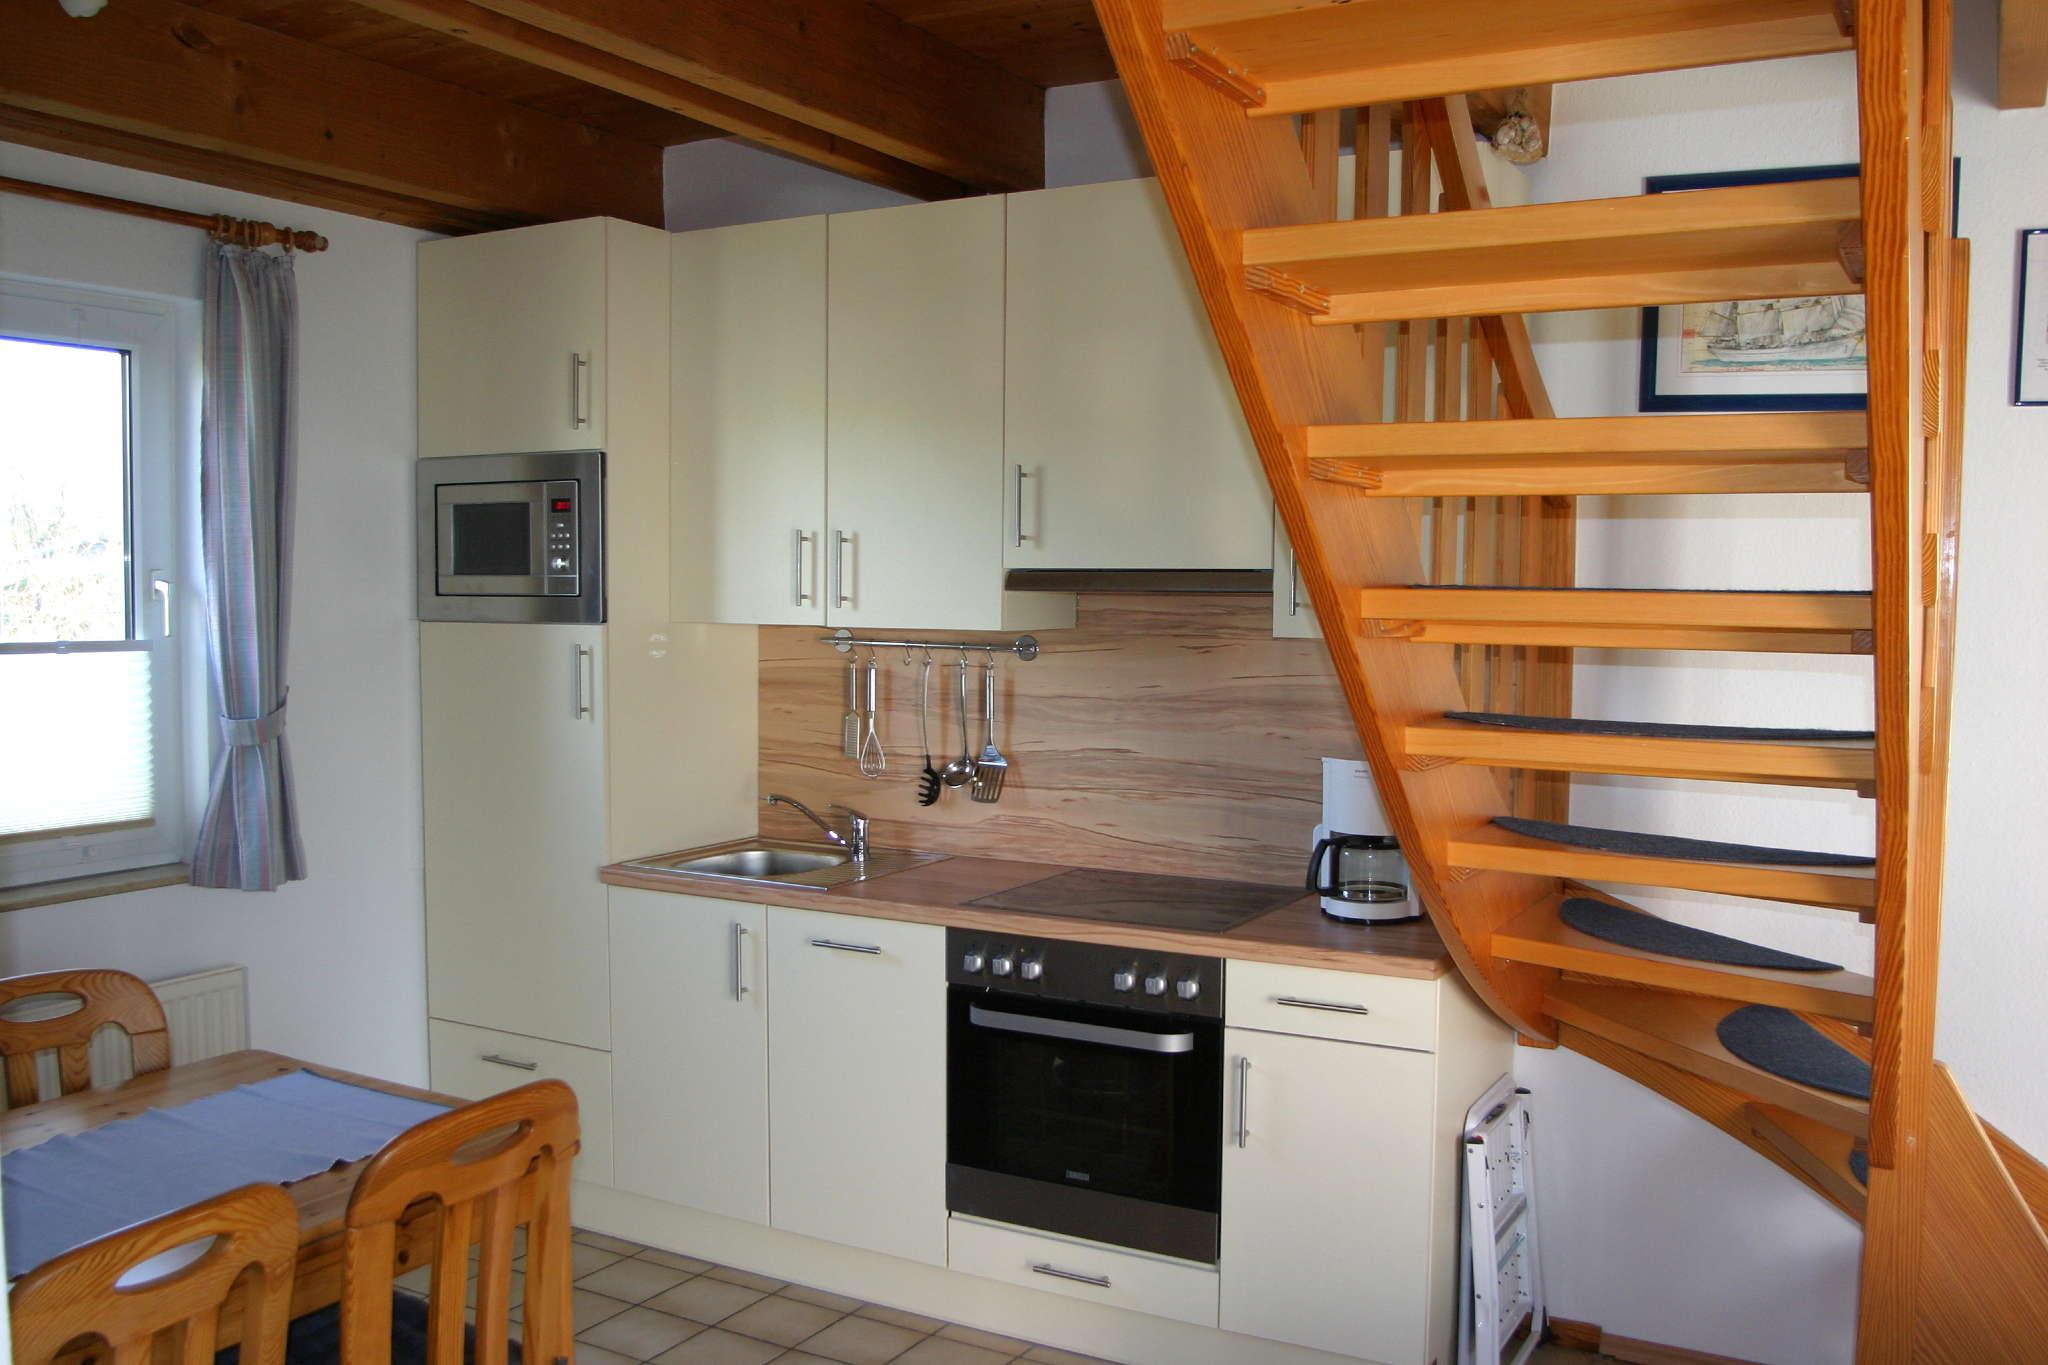 Neue Küche mit Geschirrspüler.